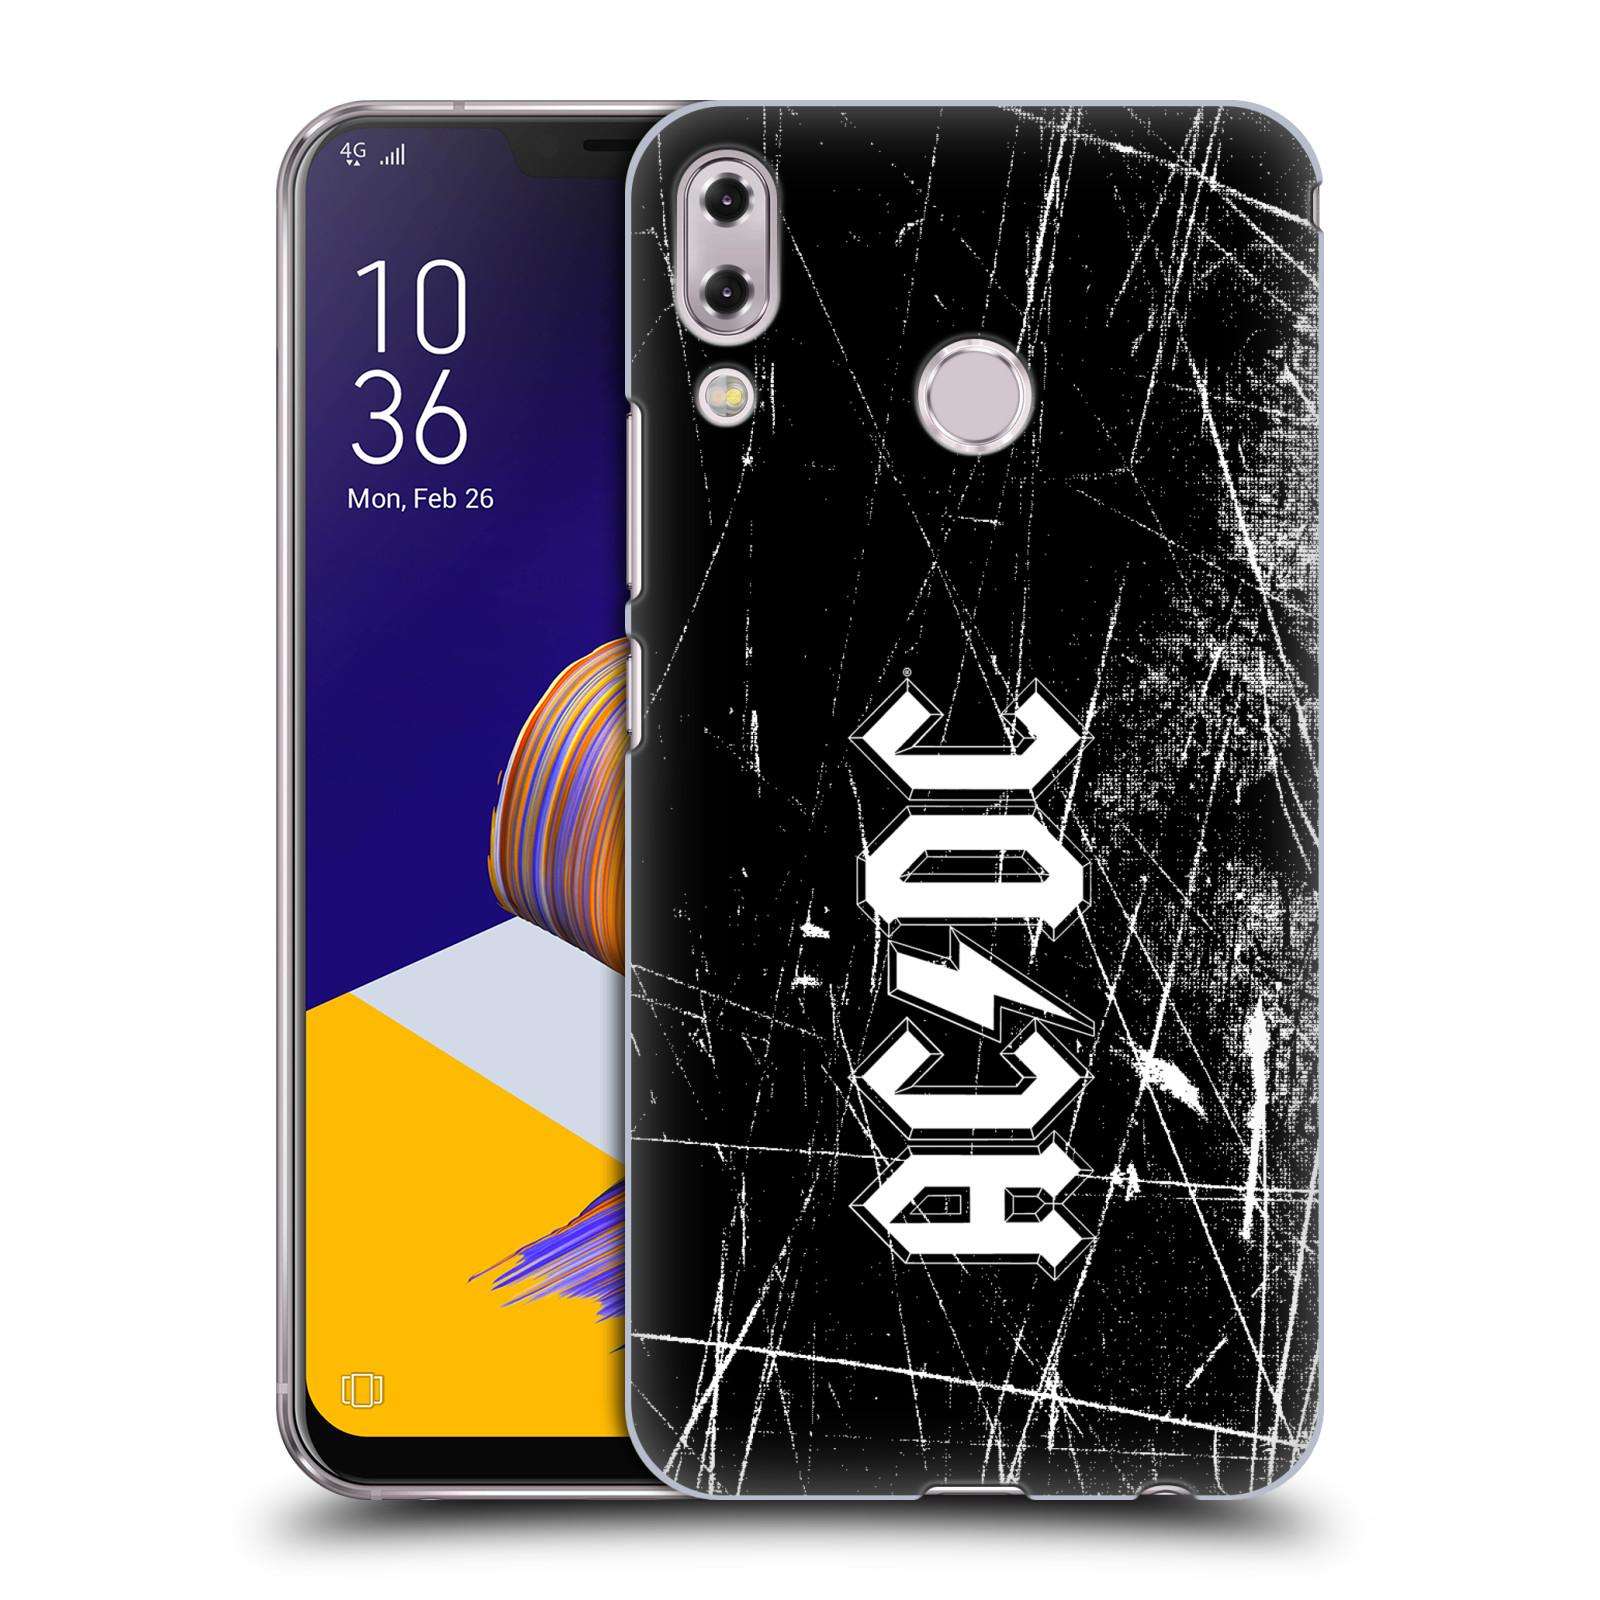 Plastové pouzdro na mobil Asus Zenfone 5z ZS620KL - Head Case - AC/DC Černobílé logo